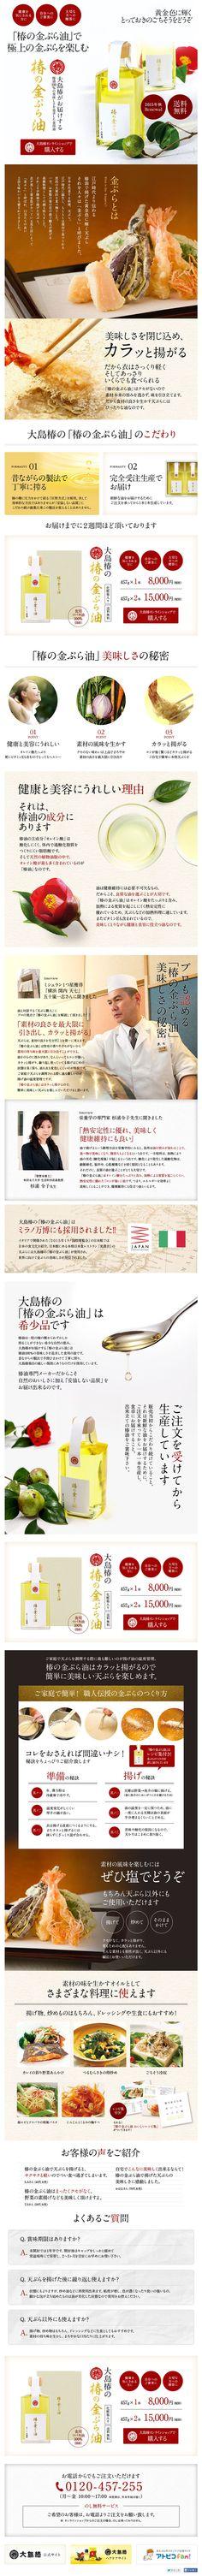 ランディングページ LP 椿の金ぷら油|食品・飲料・お酒|自社サイト